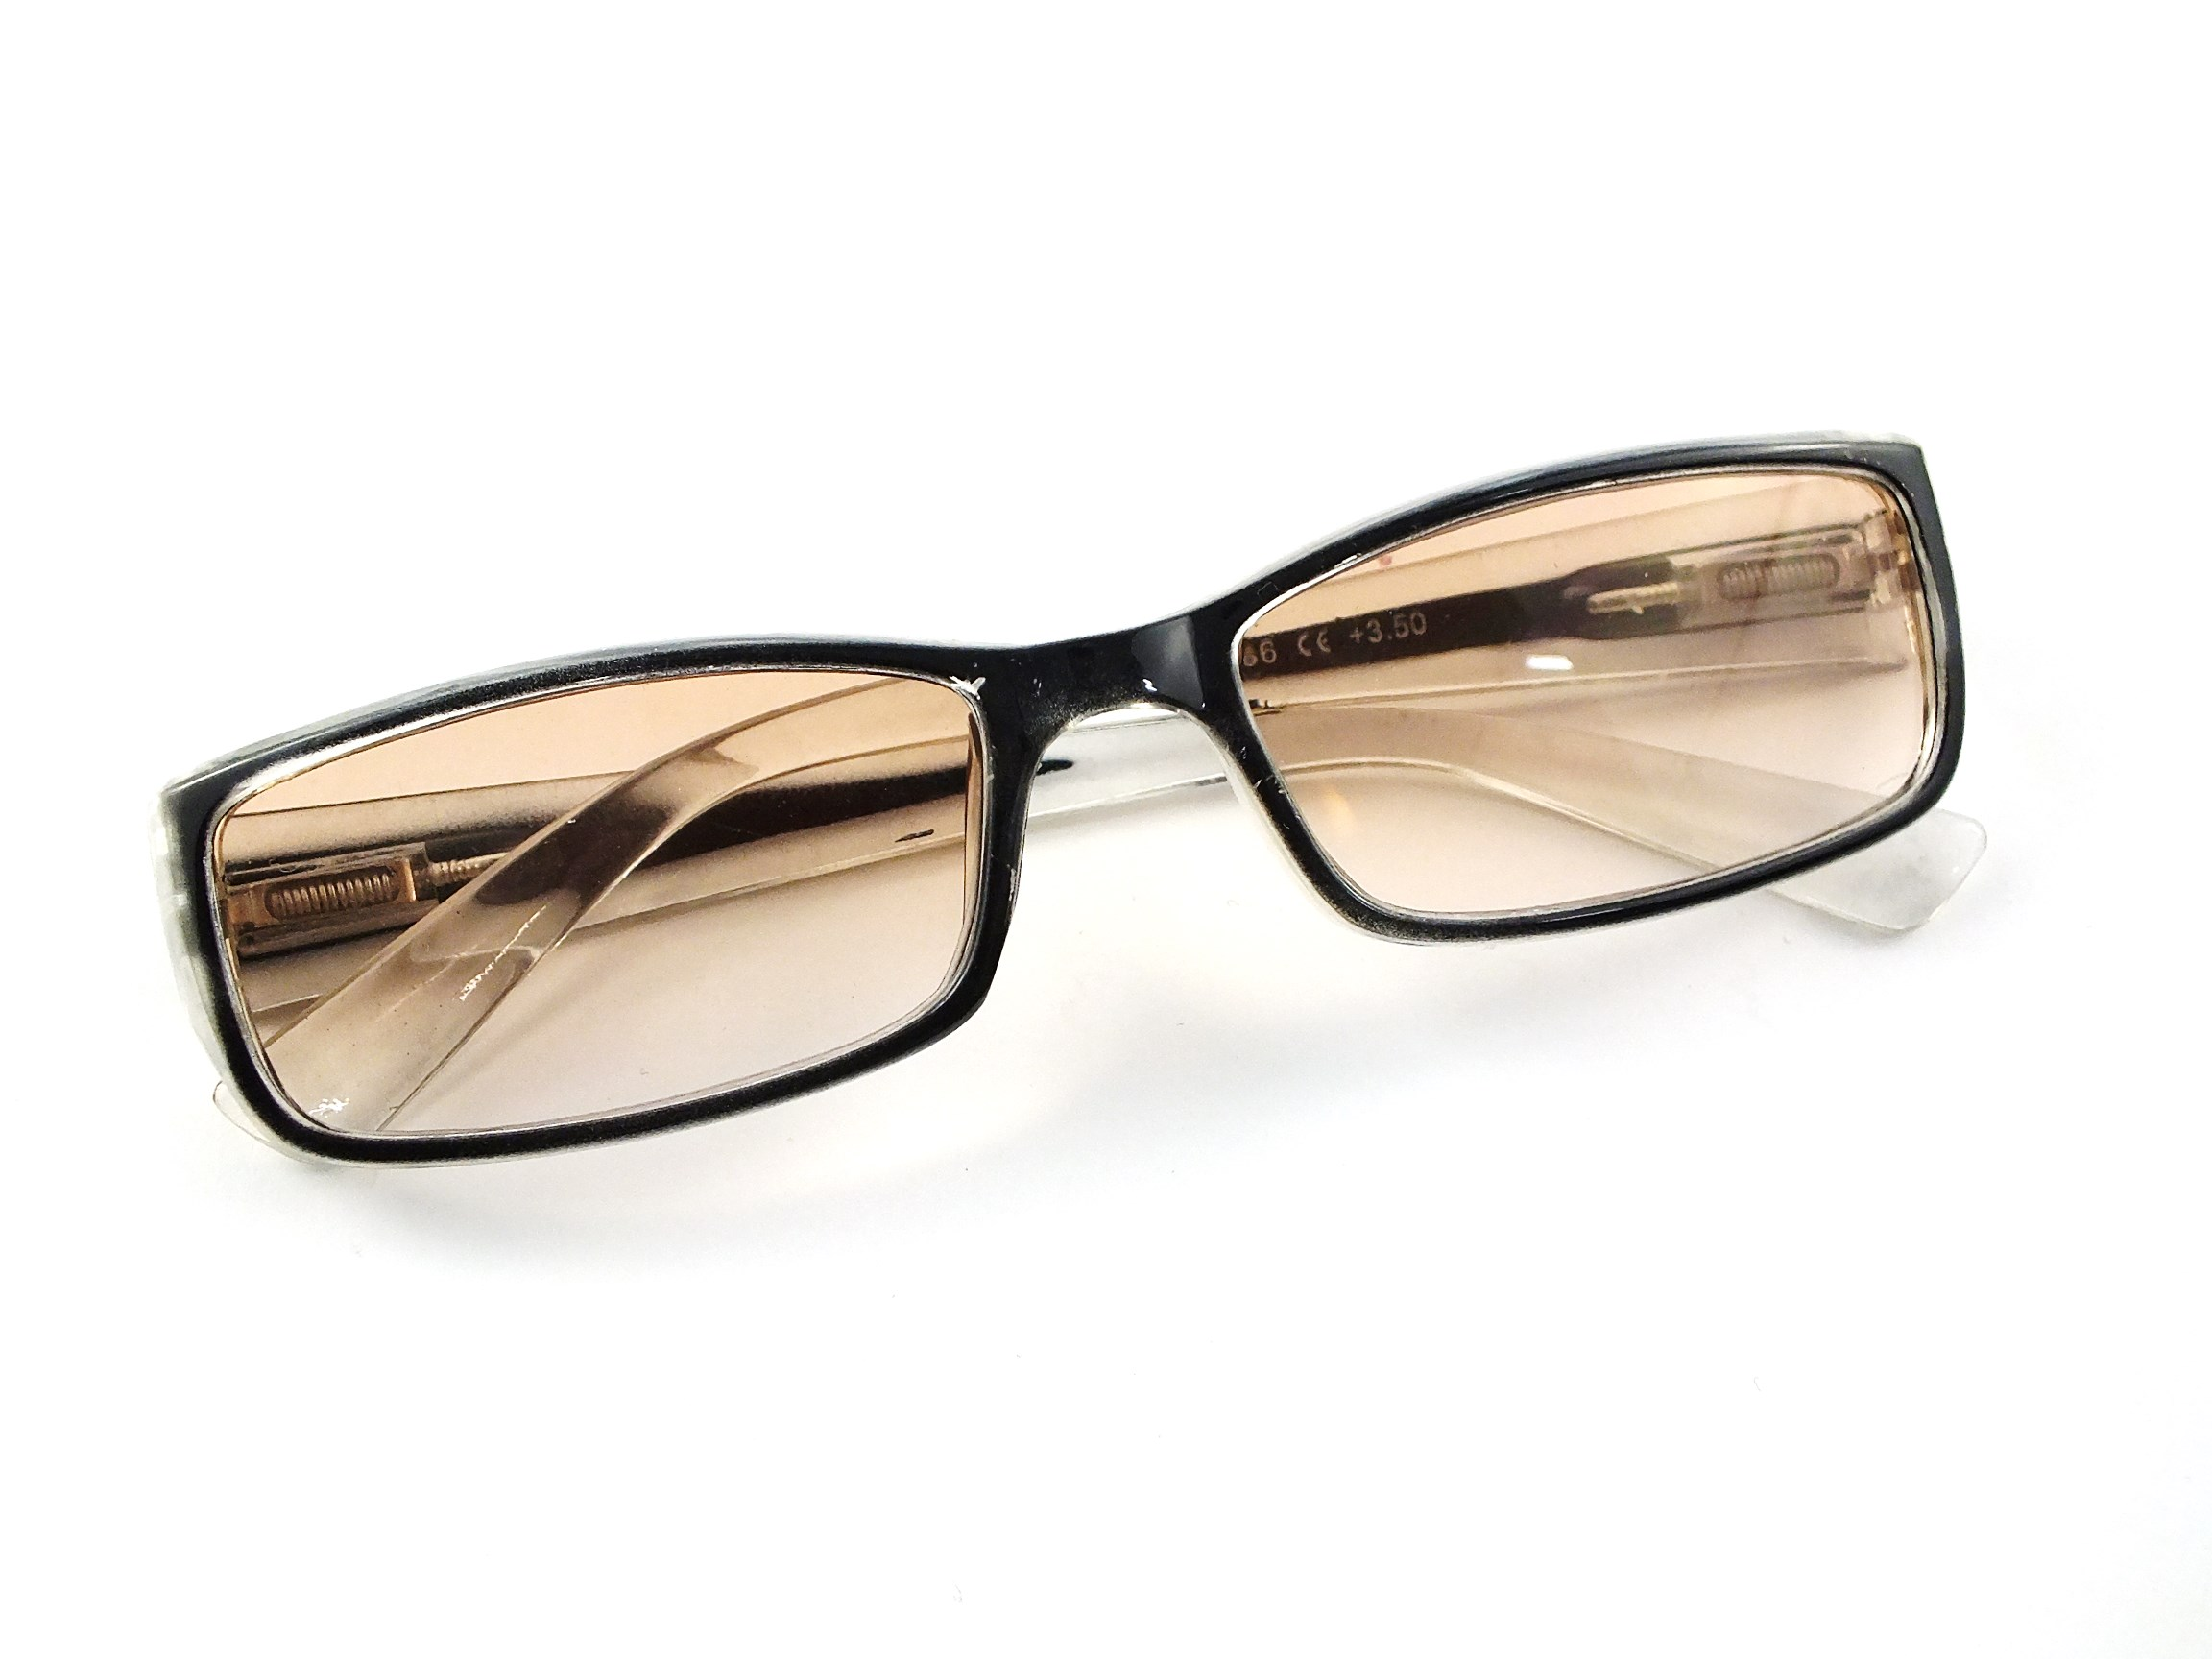 c632f408eda86 Okulary korekcyjne PLUSY + 2,00 Przyciemniane kol - 7150485371 ...